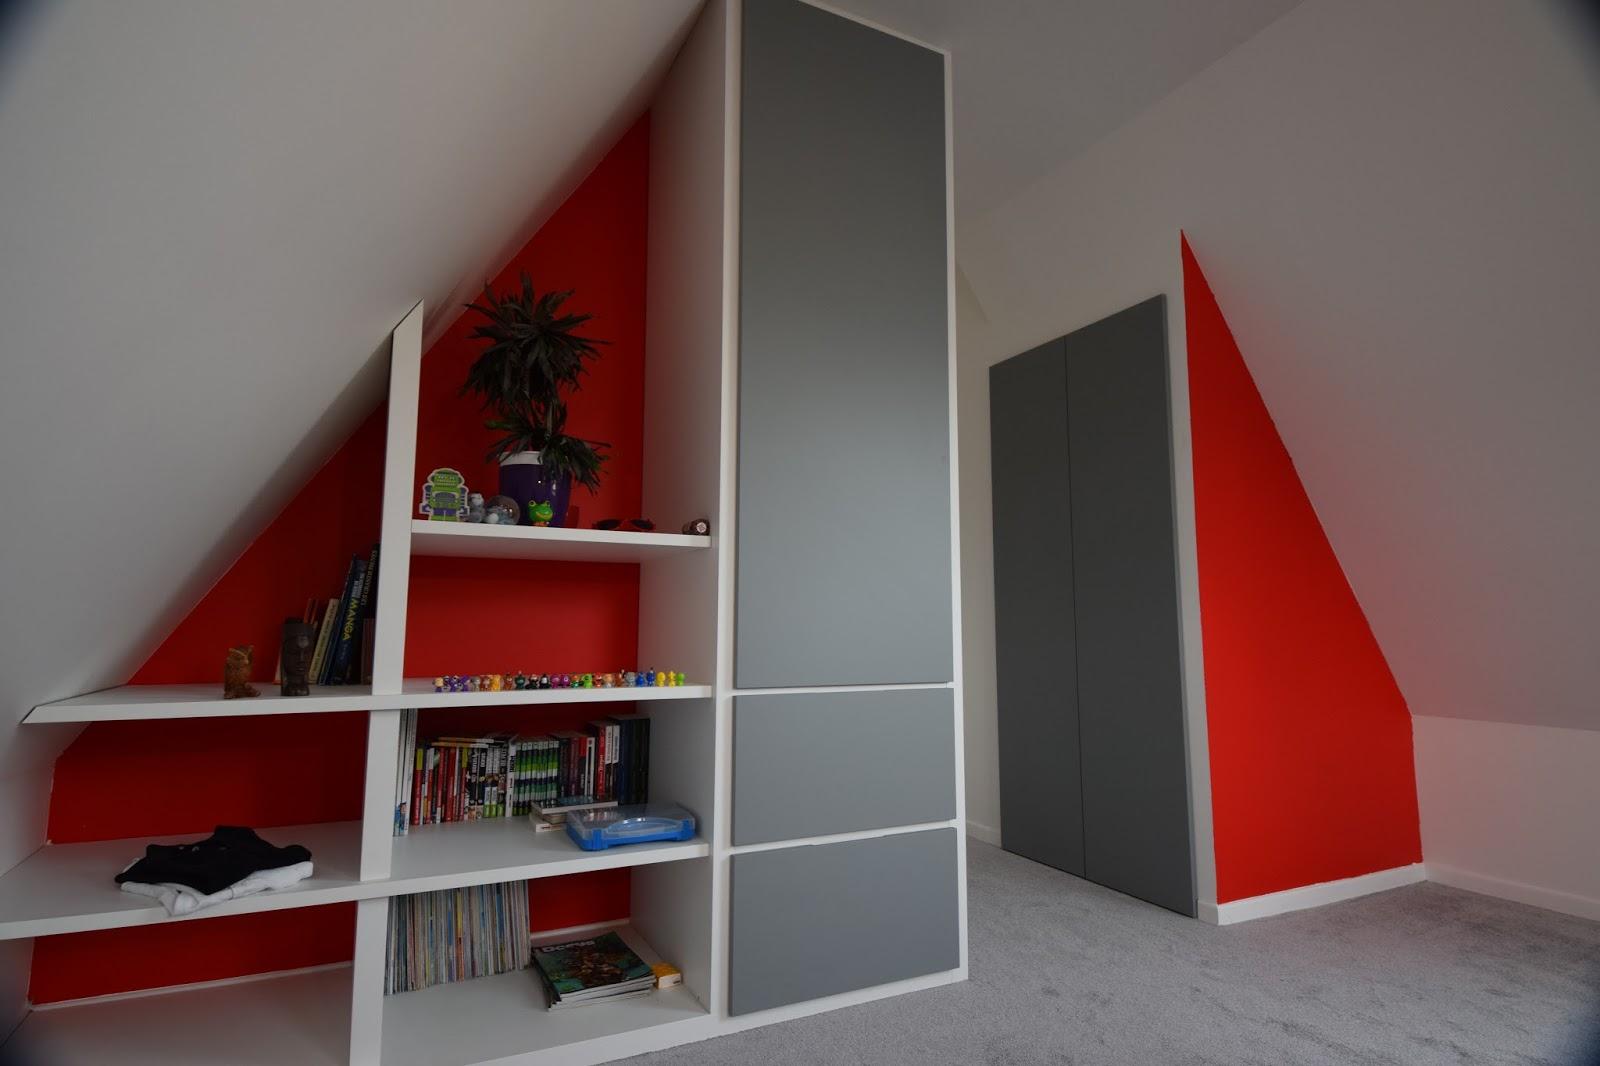 Jacques lenain architecte lille: reamenagement d'un appartement a ...